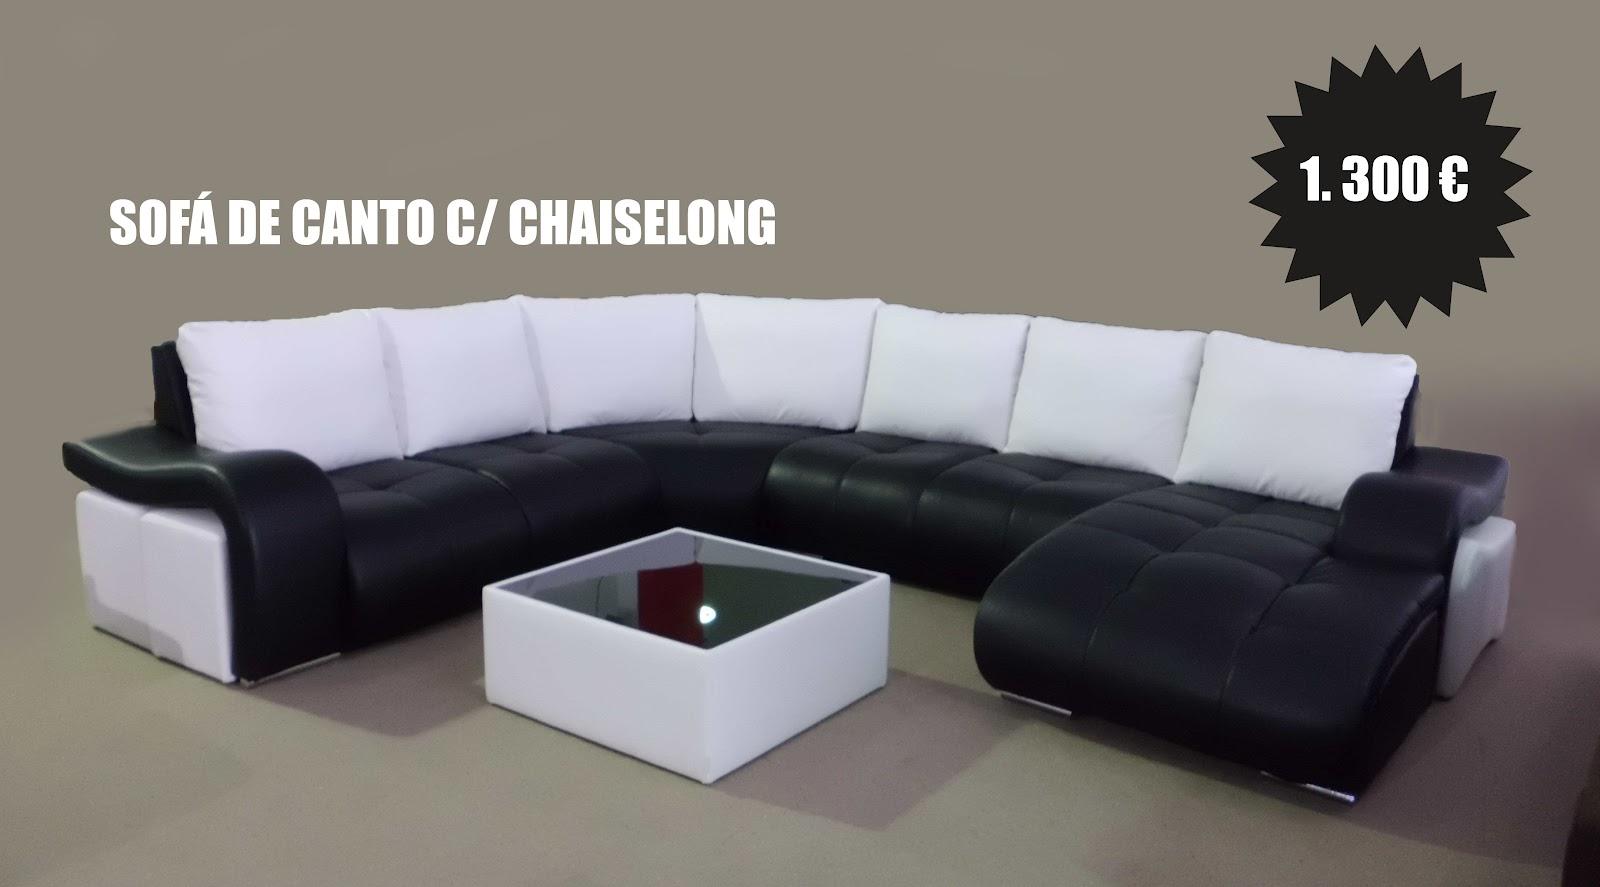 Novidade s sof s sof de canto c chaiselong s sof s for Sofas t dos opiniones